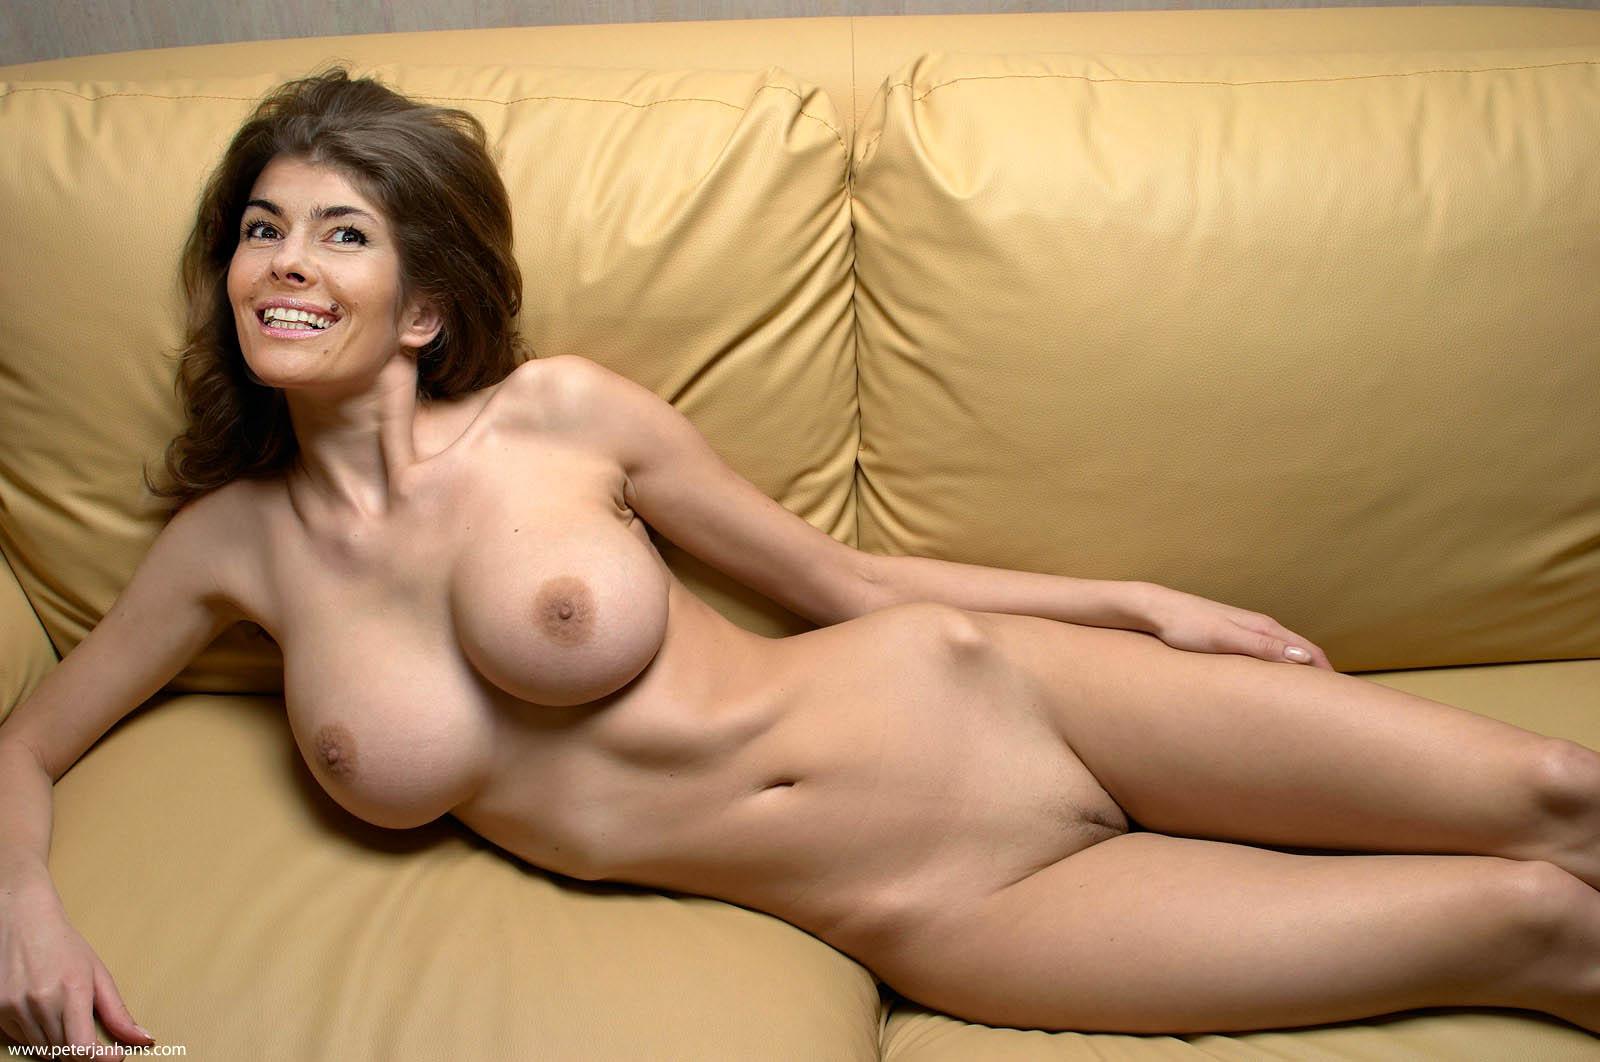 Актриса оксана калиберда фото голой 5